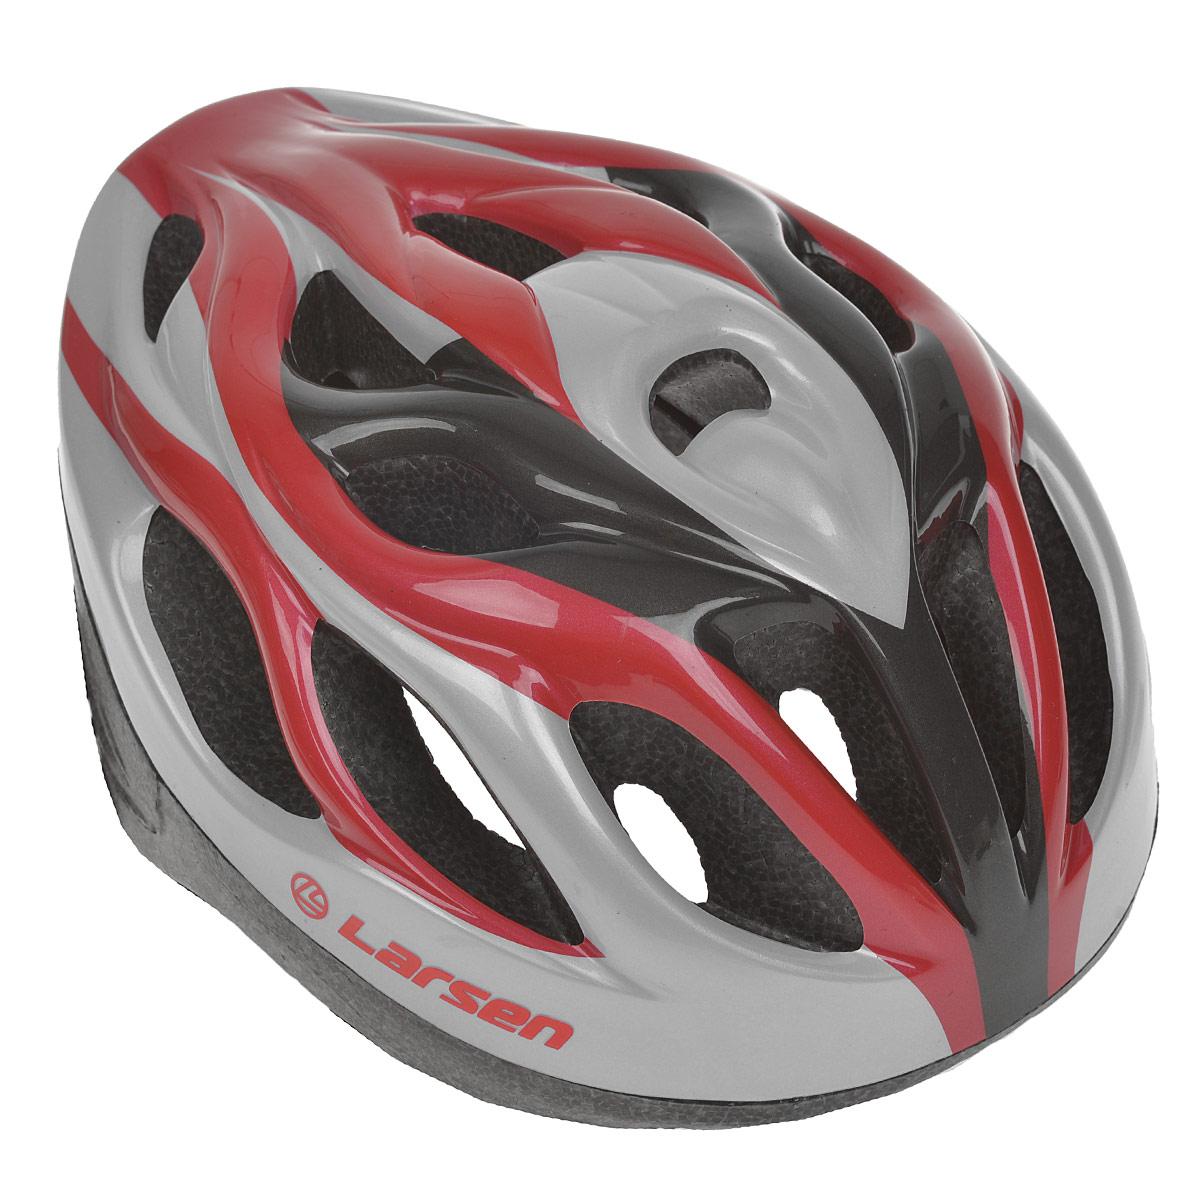 """Шлем роликовый Larsen """"H3BW"""", цвет: красный, серебристый. Размер L (54-57 см)"""